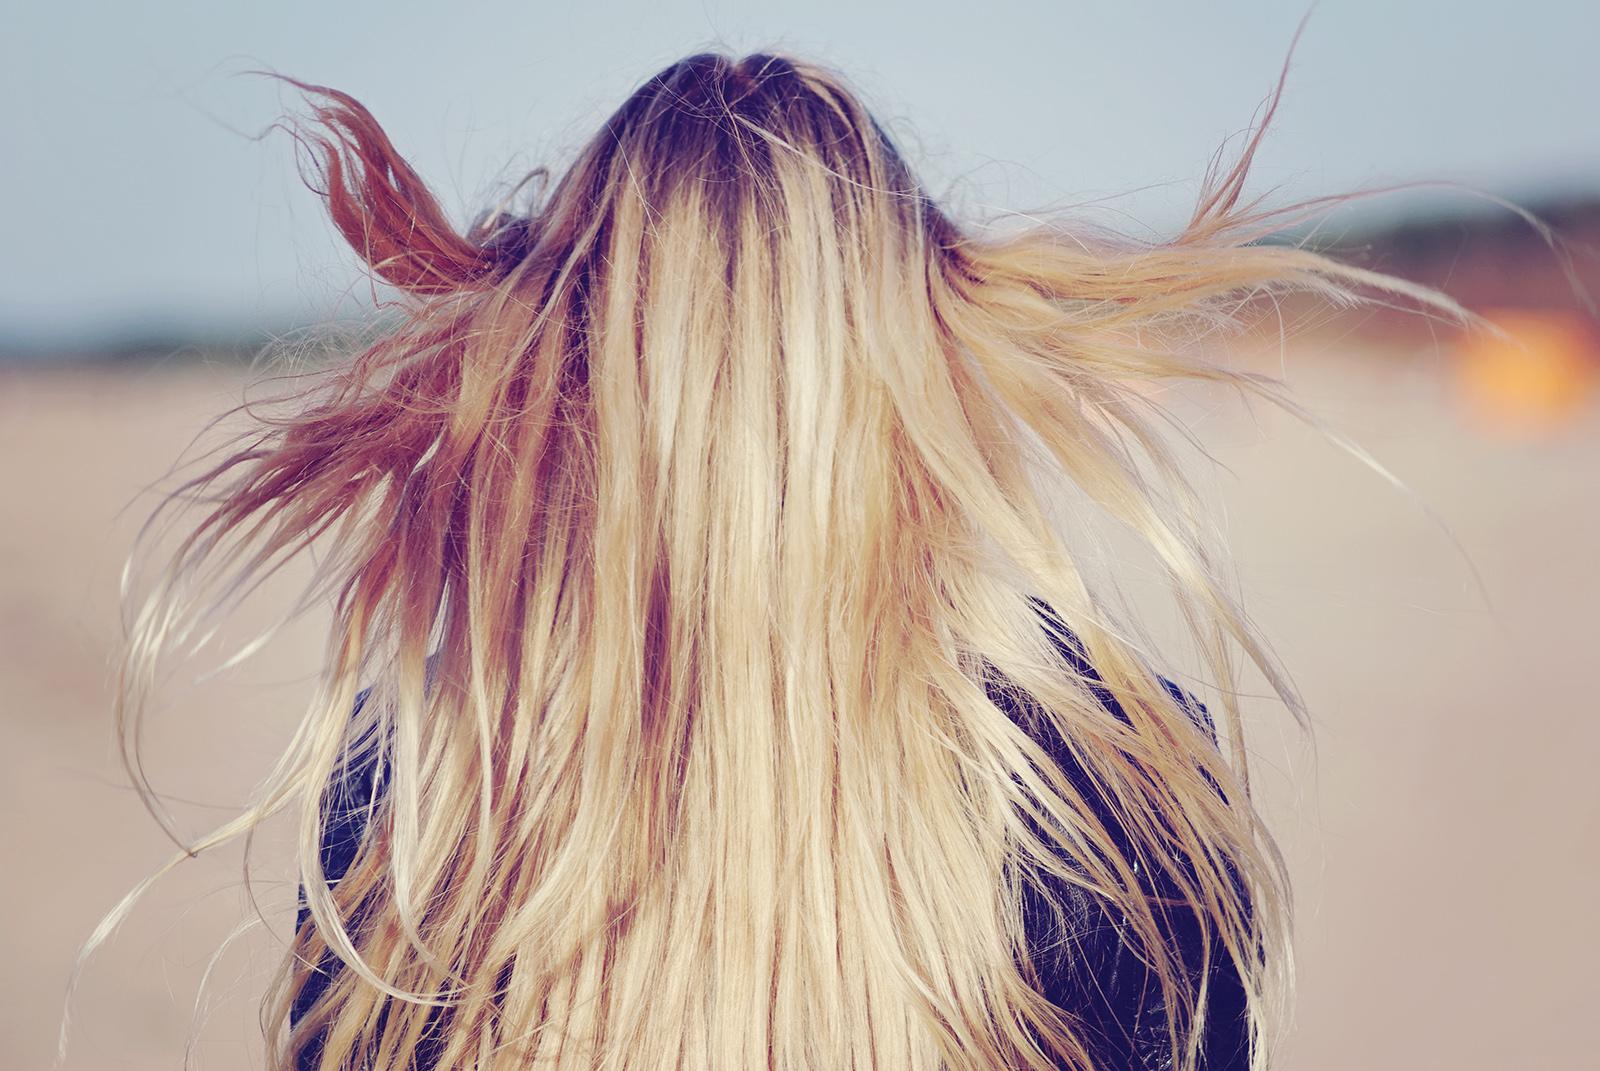 Красивые девушки русые волосы фото с сзади